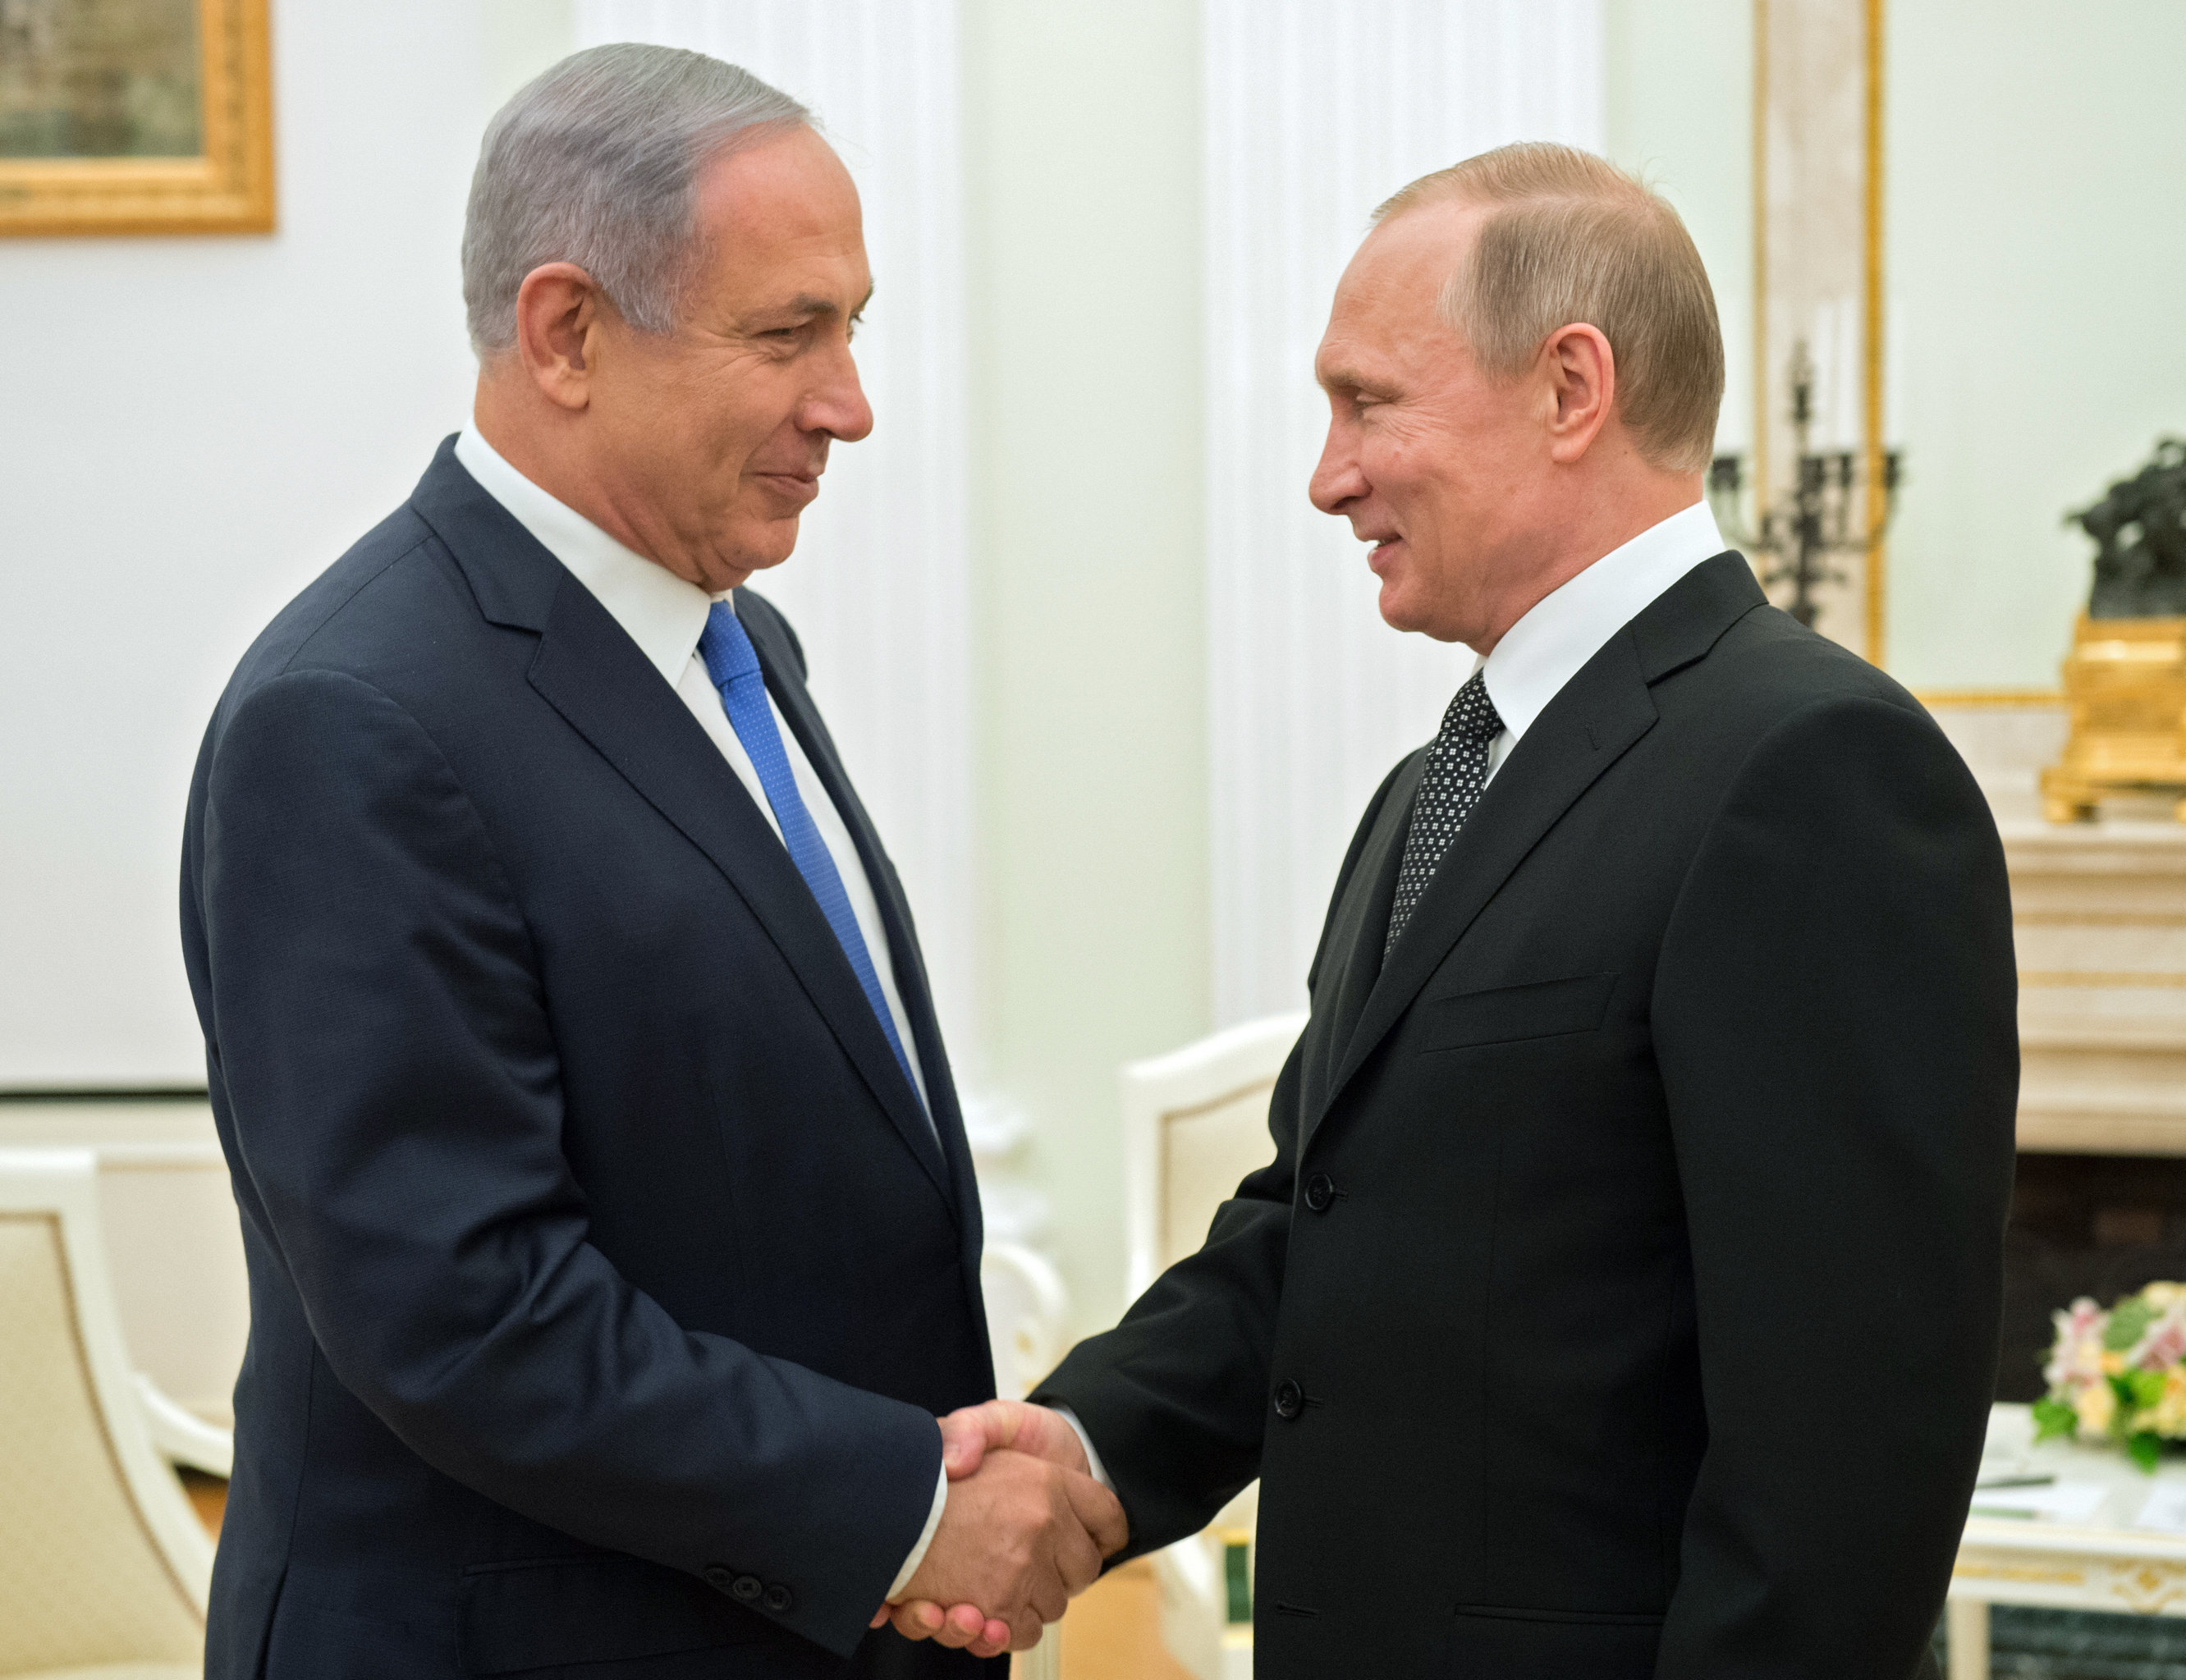 США, Россия или Ближний Восток: кто будет поставлять газ в Европу?